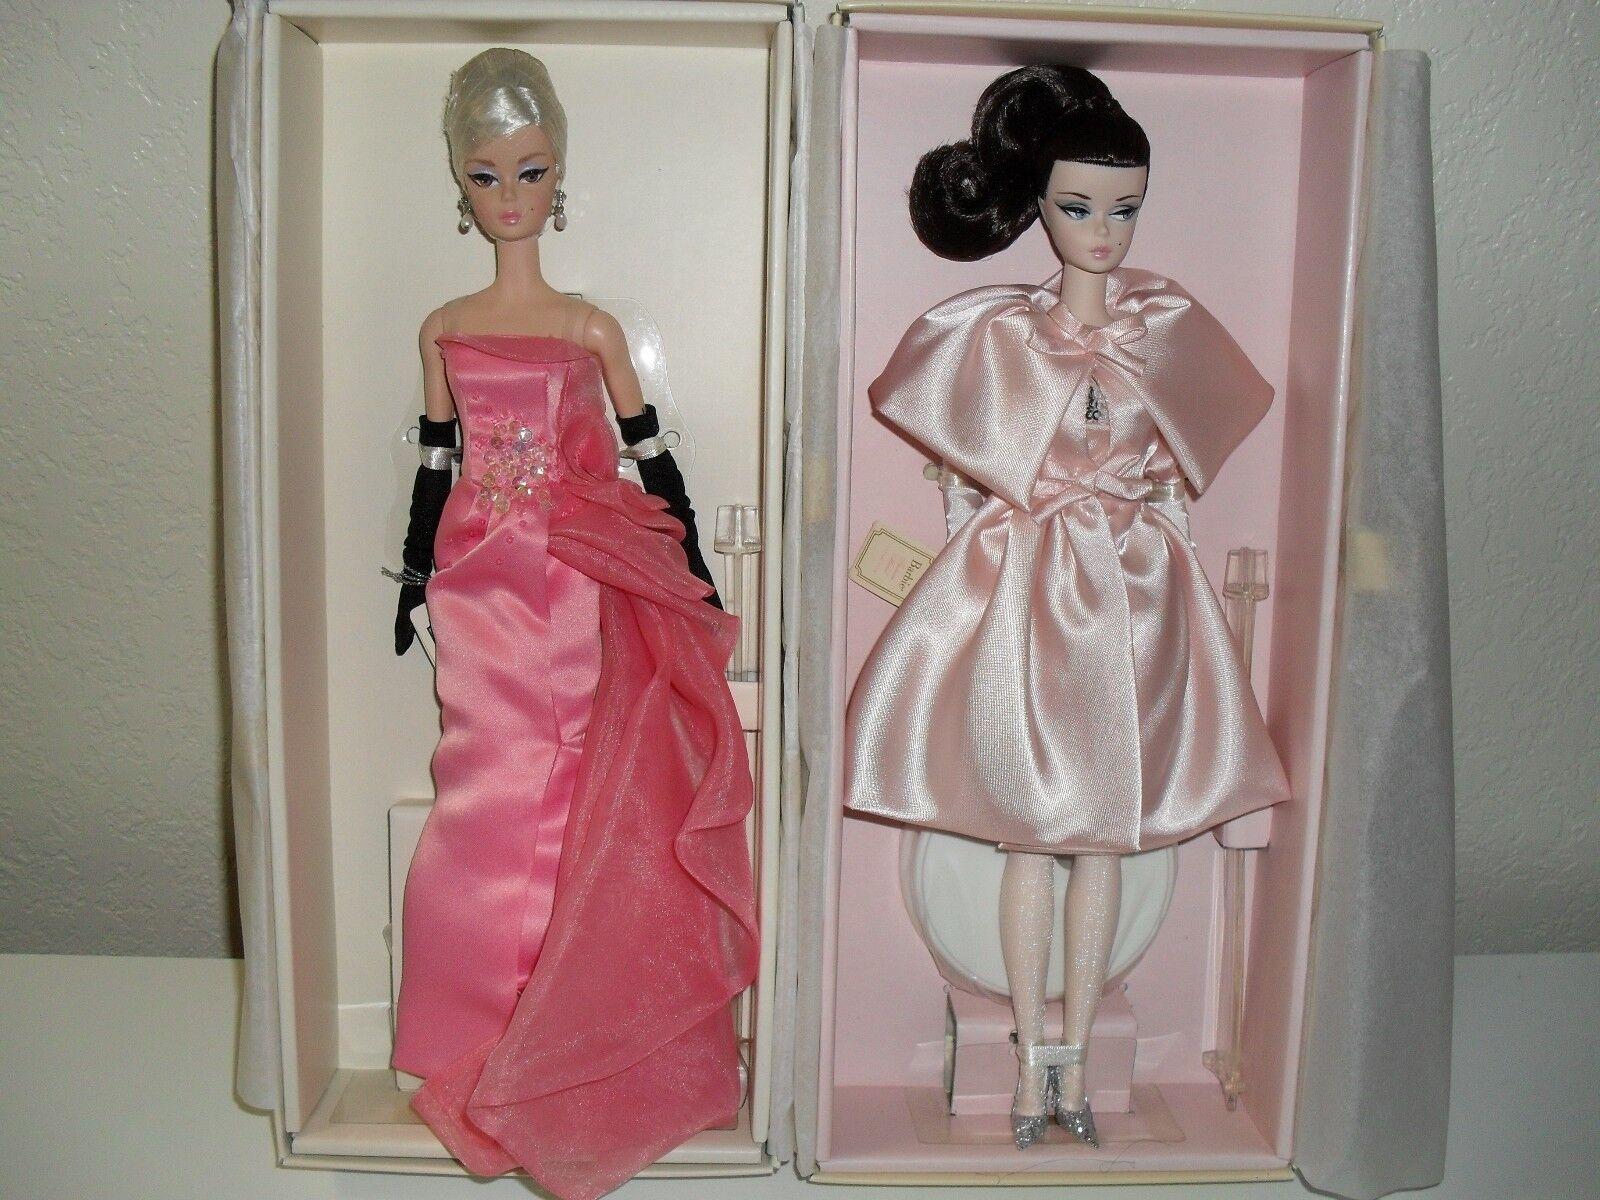 azulsh Belleza Y Glamour Vestido silksone Fan Club Exclusives Barbie oro Label